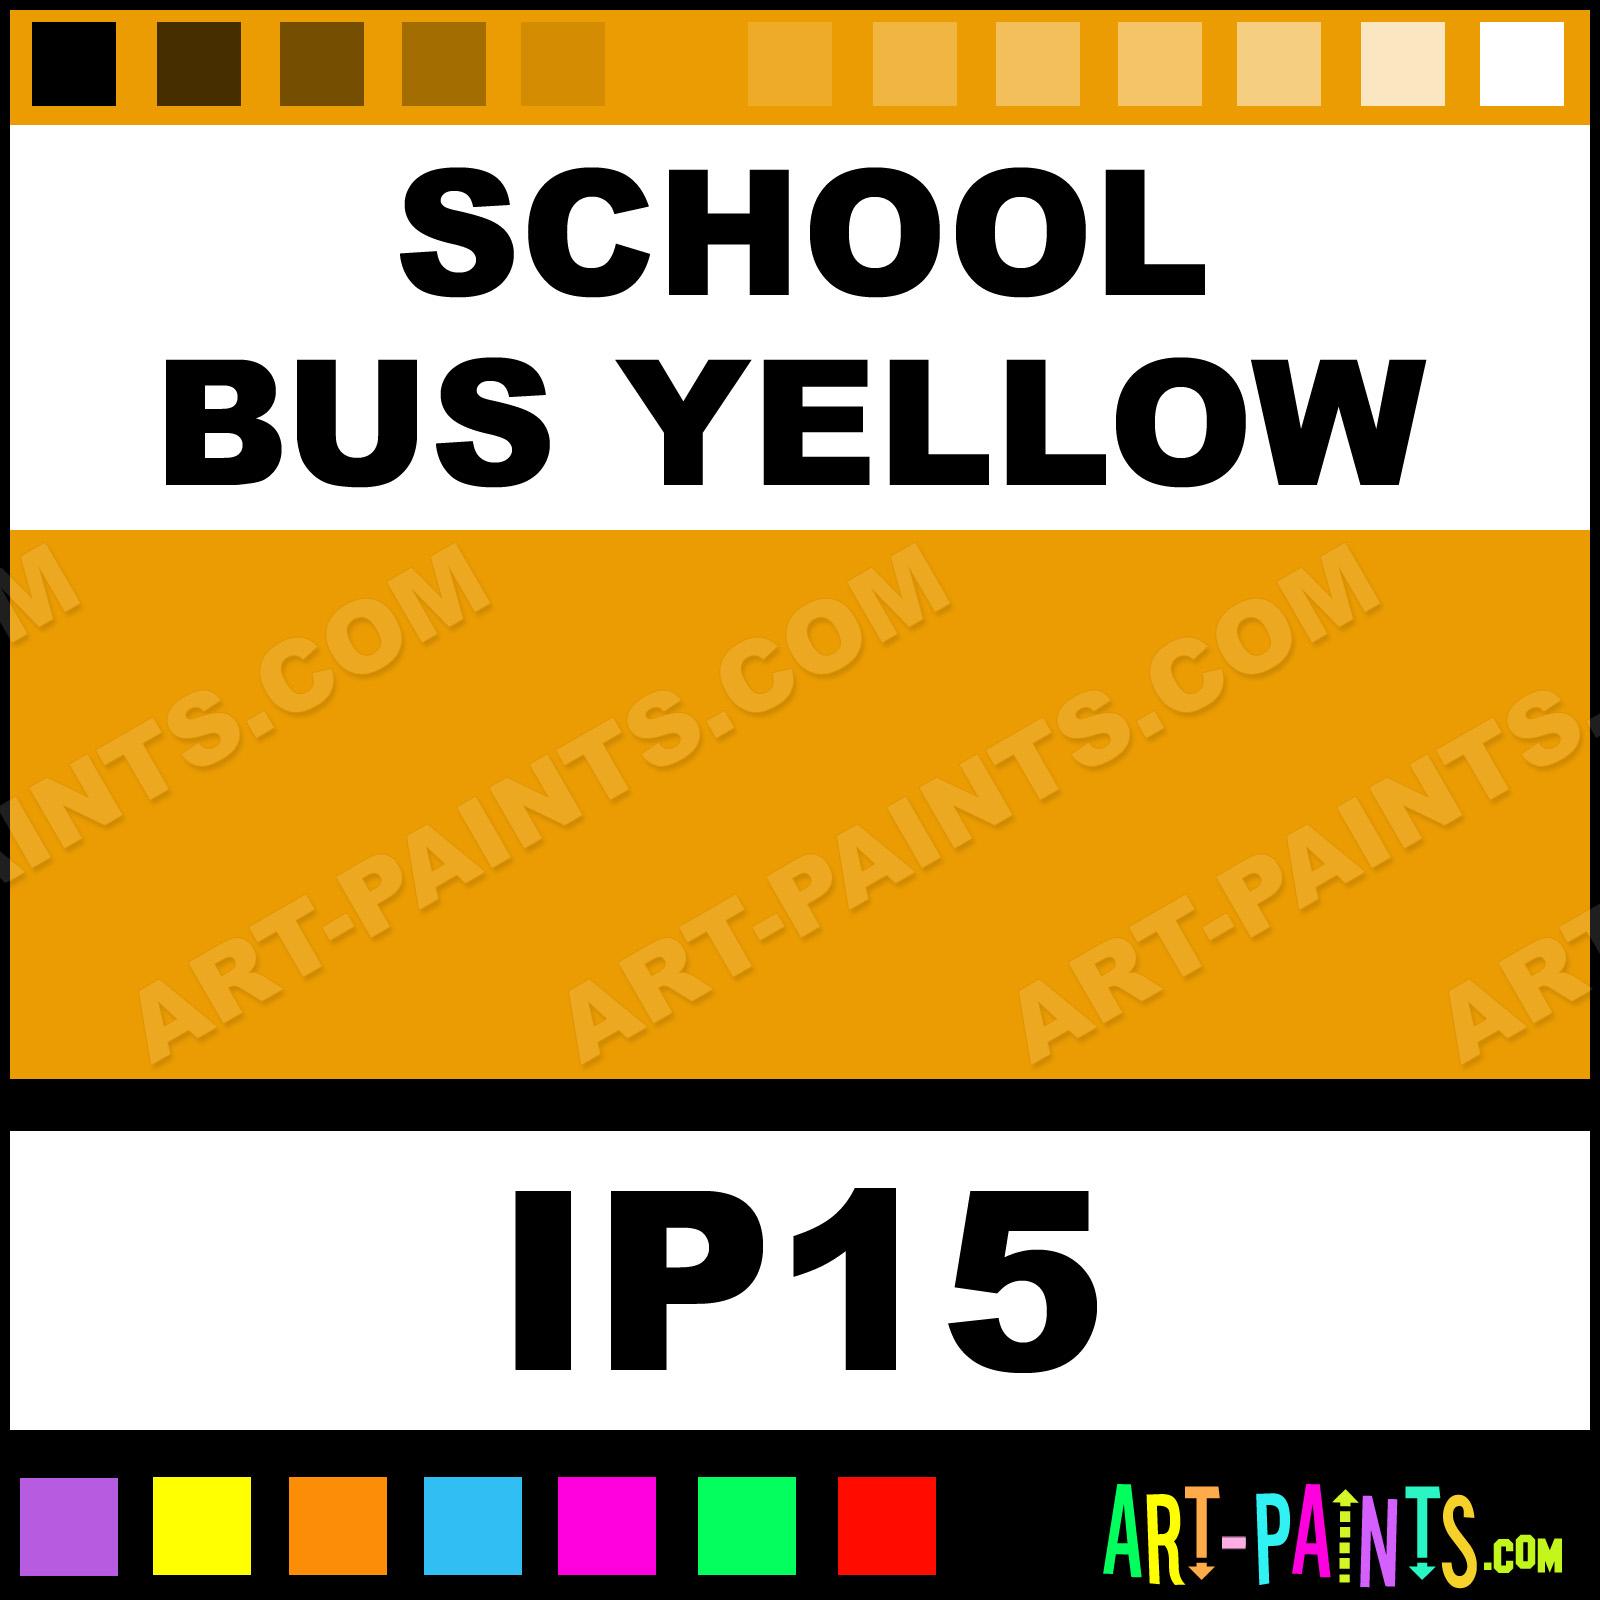 School Bus Yellow Industrial Metal And Metallic Paints